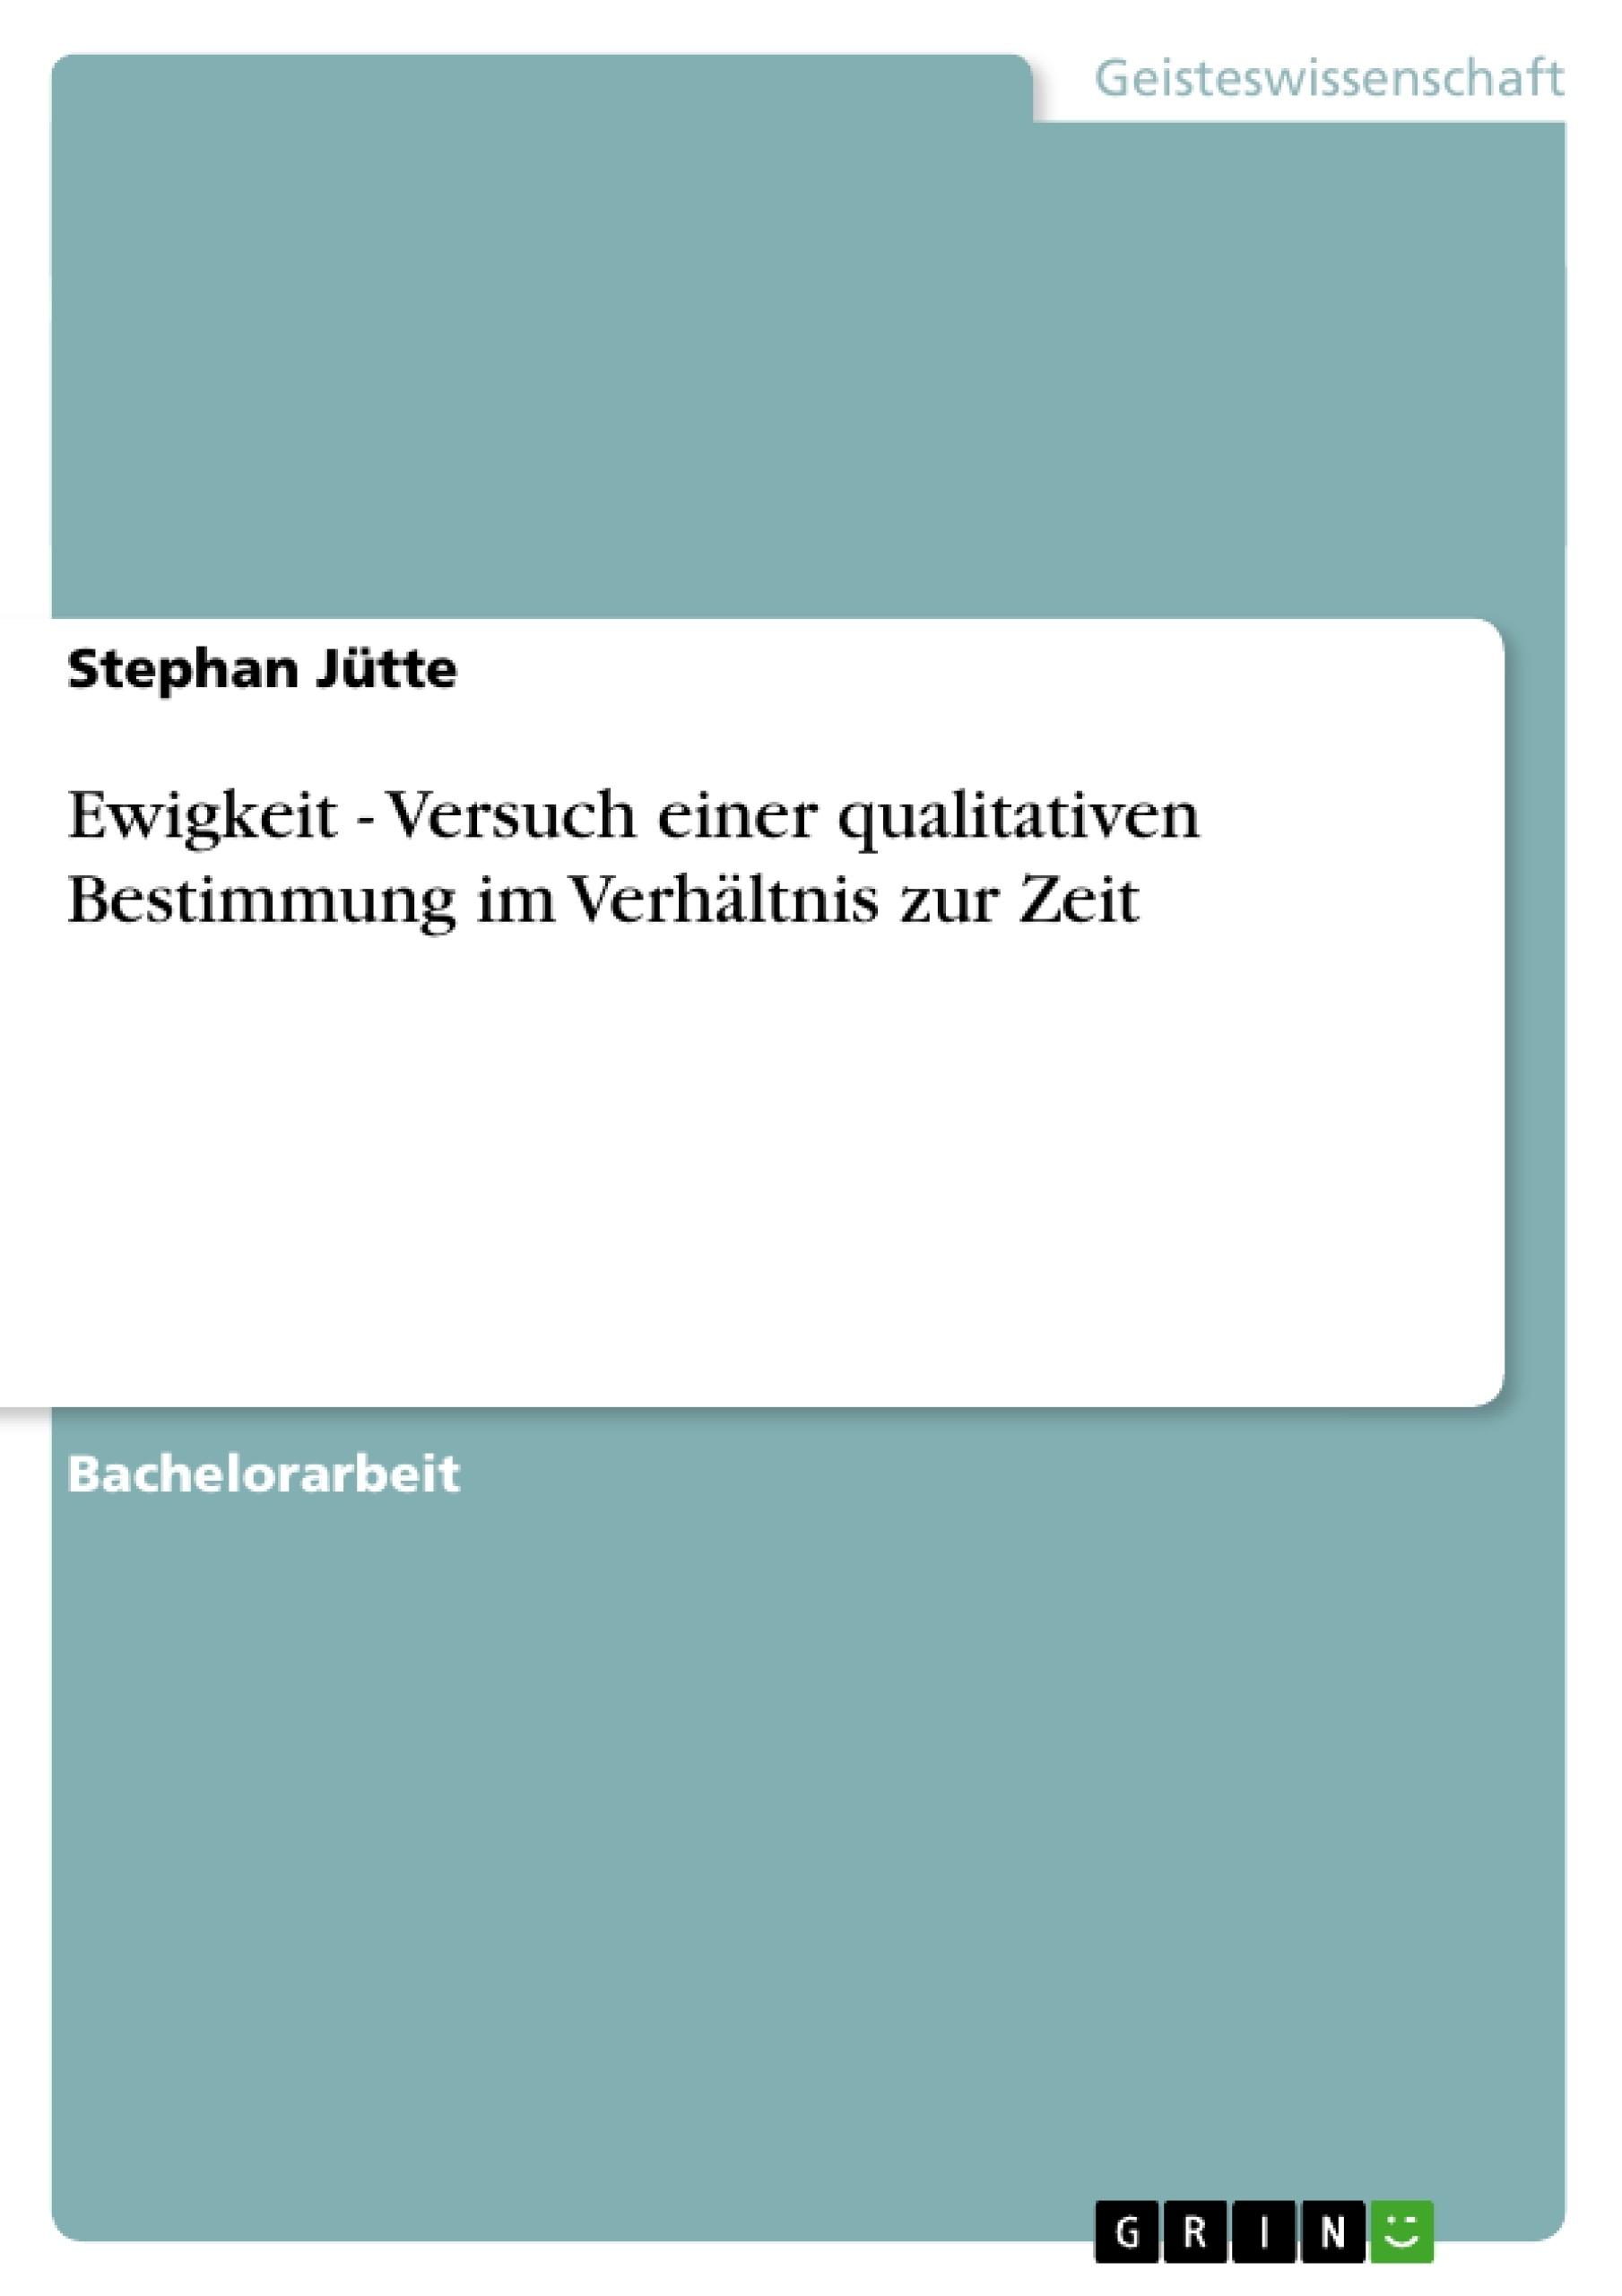 Titel: Ewigkeit - Versuch einer qualitativen Bestimmung im Verhältnis zur Zeit